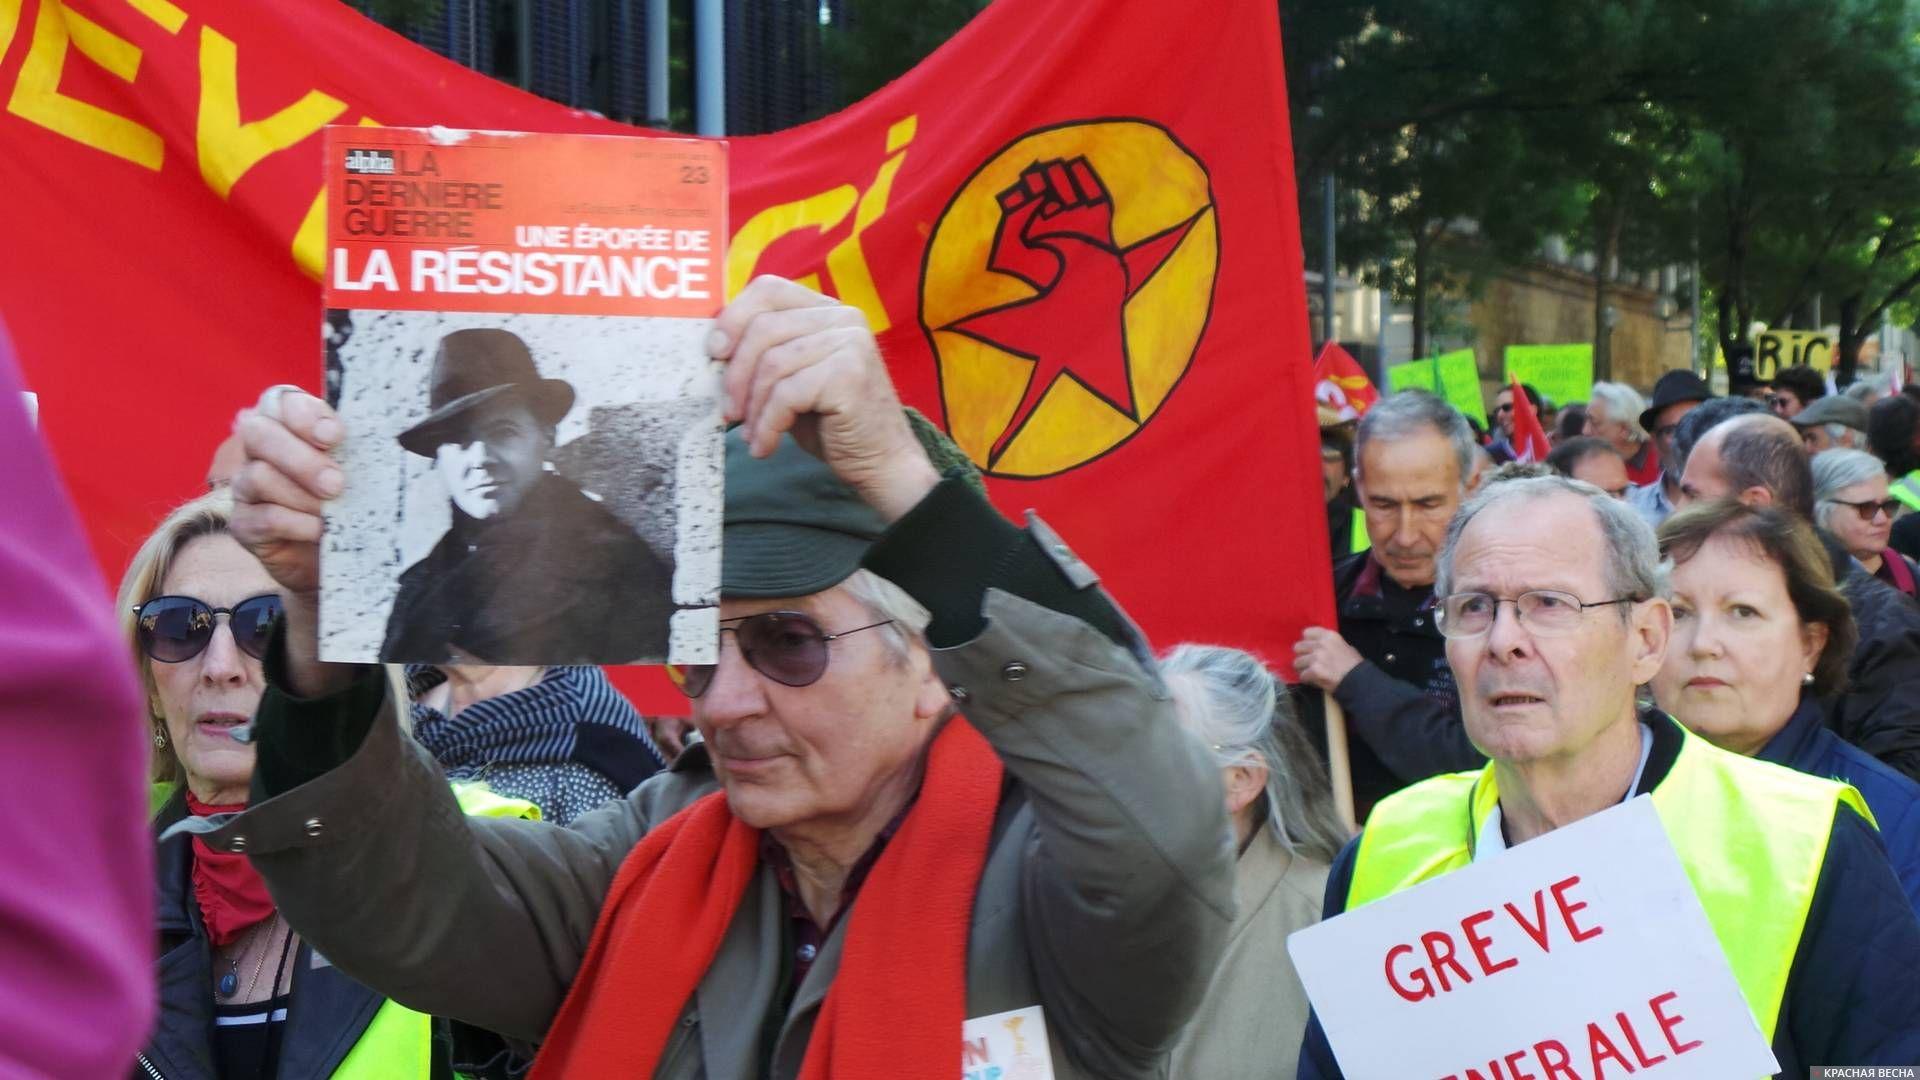 Профсоюзы, политические партии и «желтые жилеты» вышли с требованиями социальной справедливости. Манифестация 1 мая 2019 года в г. Бордо